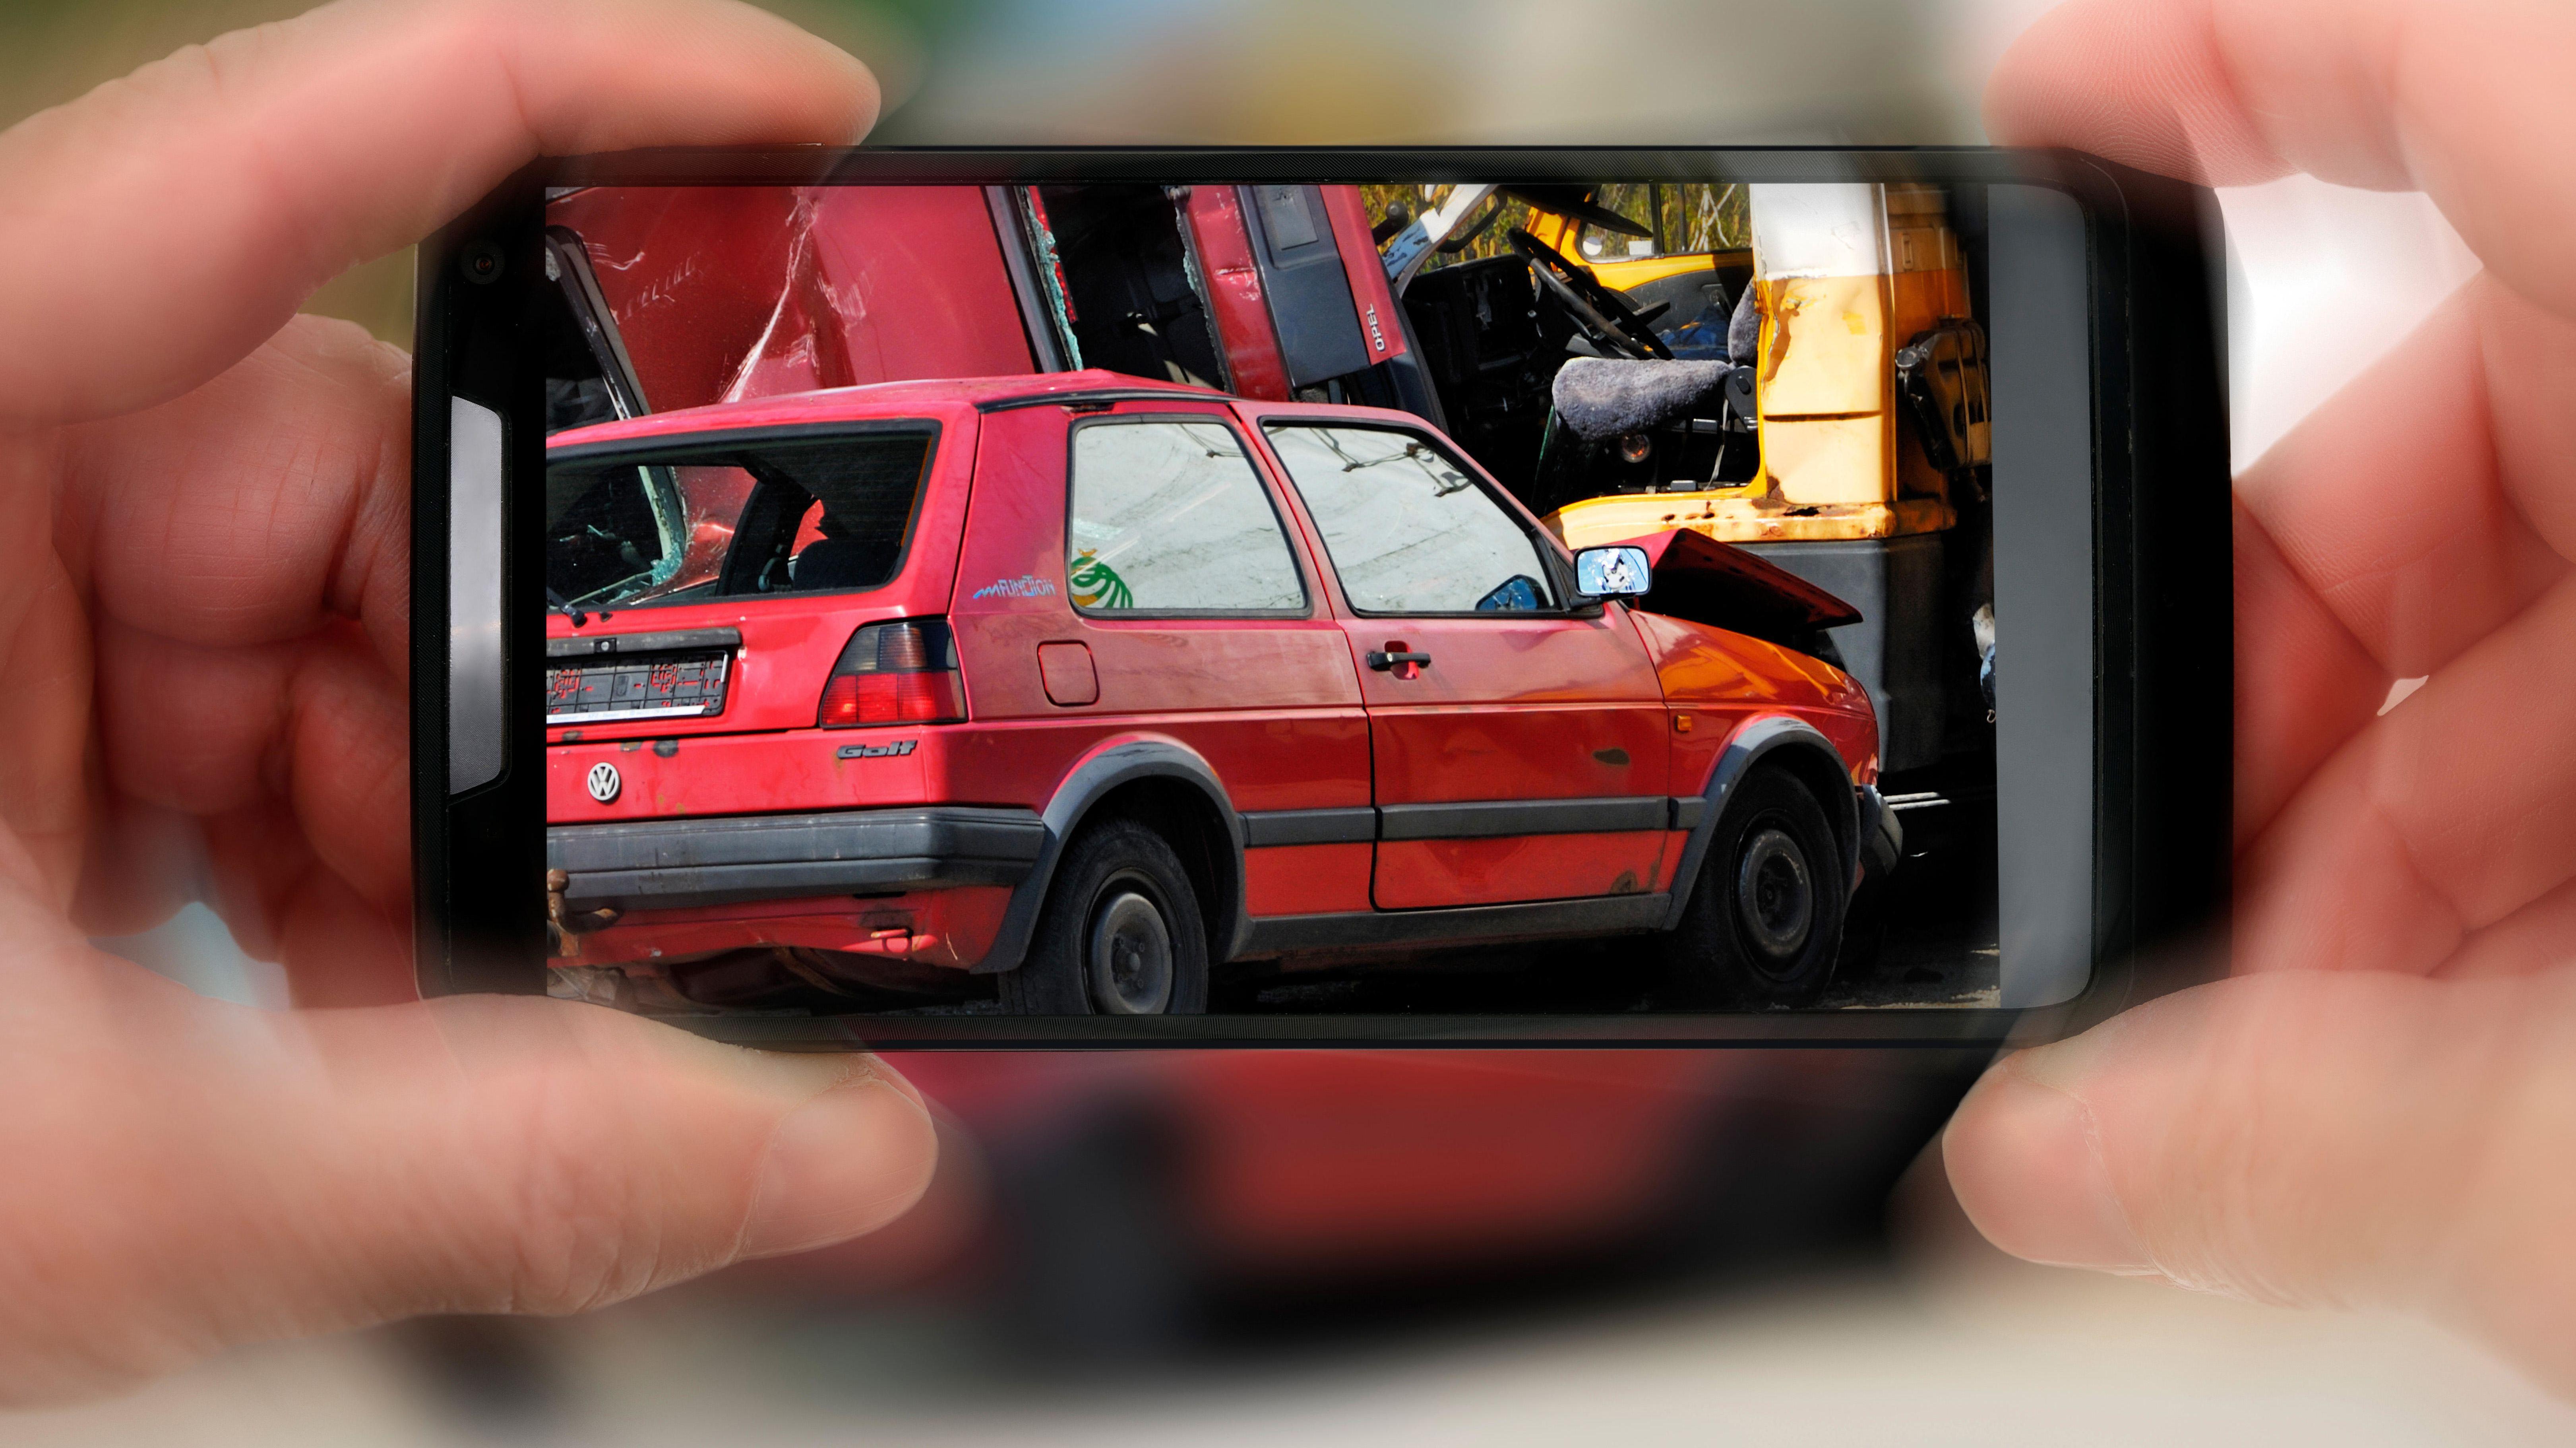 Schaulustiger fotografiert Unfall